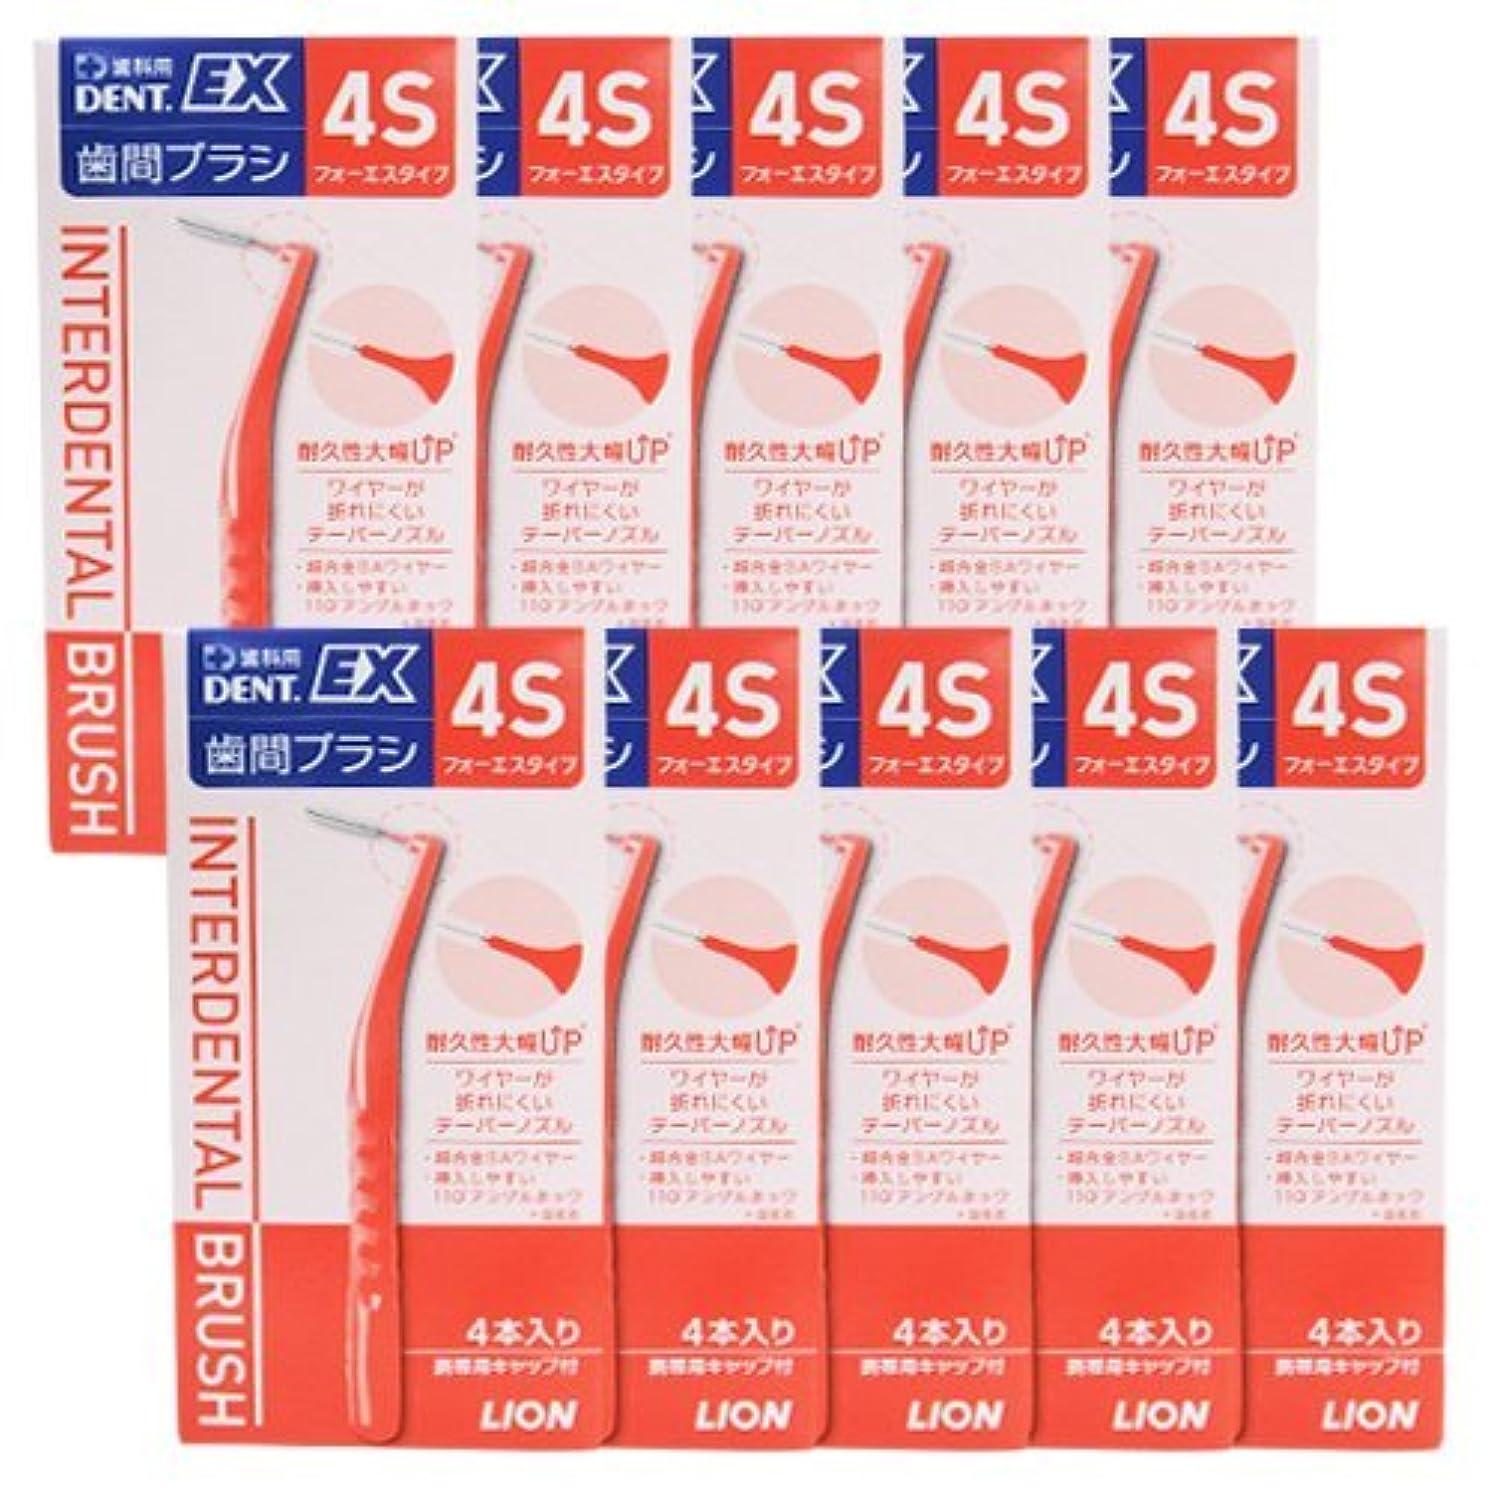 作り歯痛含めるライオン DENT.EX 歯間ブラシ 4本入×10個(4S(レッド))